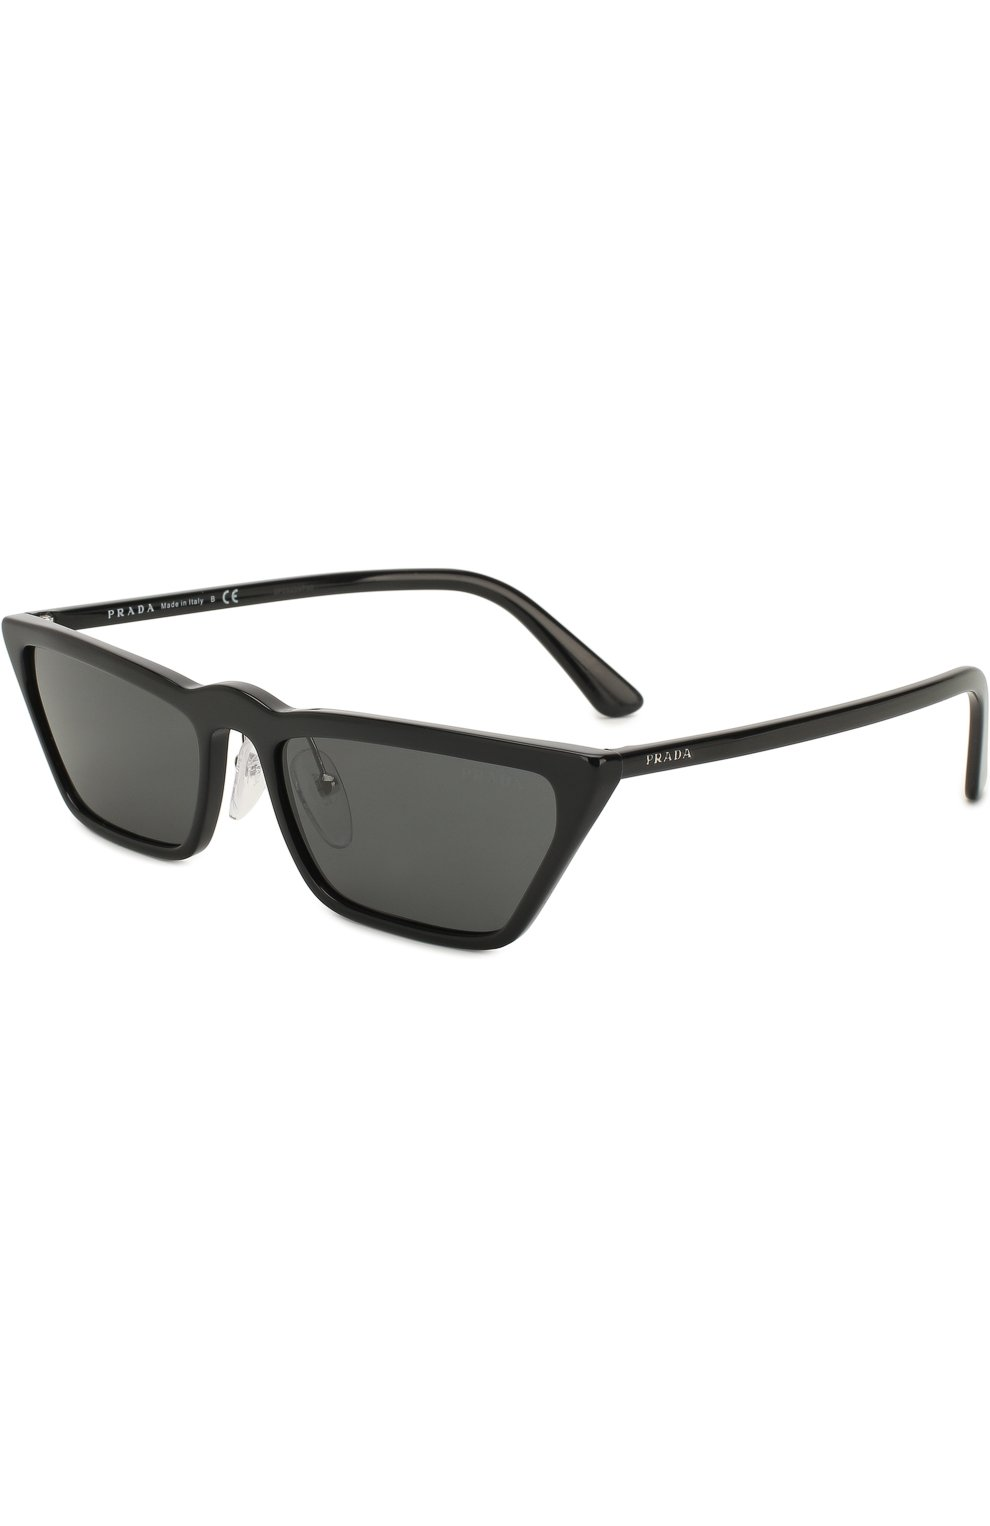 02a469cc5a64 Женские черные солнцезащитные очки PRADA — купить за 25200 руб. в ...